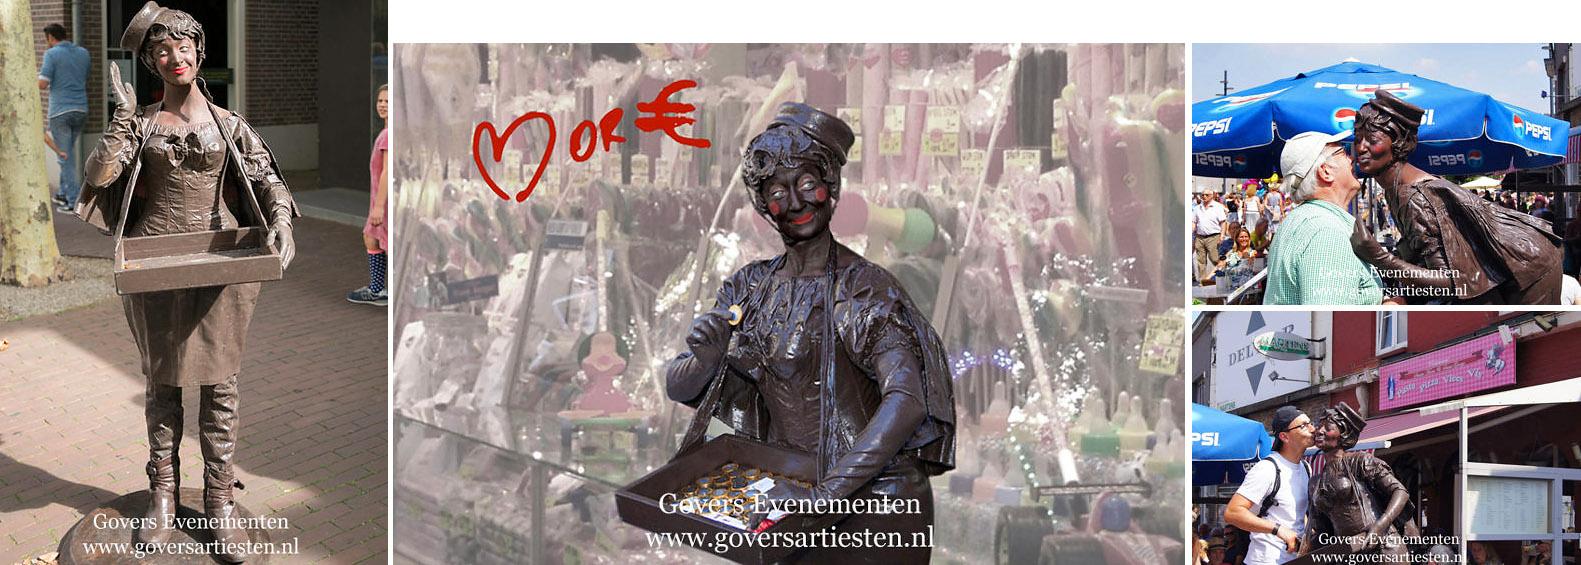 Choco Amuse, straattheater, culinair entertainment, catering act, snoep, chocolade act, zoet, bioscoop act, theateract, culinair straattheater, chocolaatjes uitdelen, zoetigheid, artiesten boeken, themafeest, artiesten voor winkelcentrum, openingsact, Govers Evenementen, Levende beelden, www.goversartiesten.nl